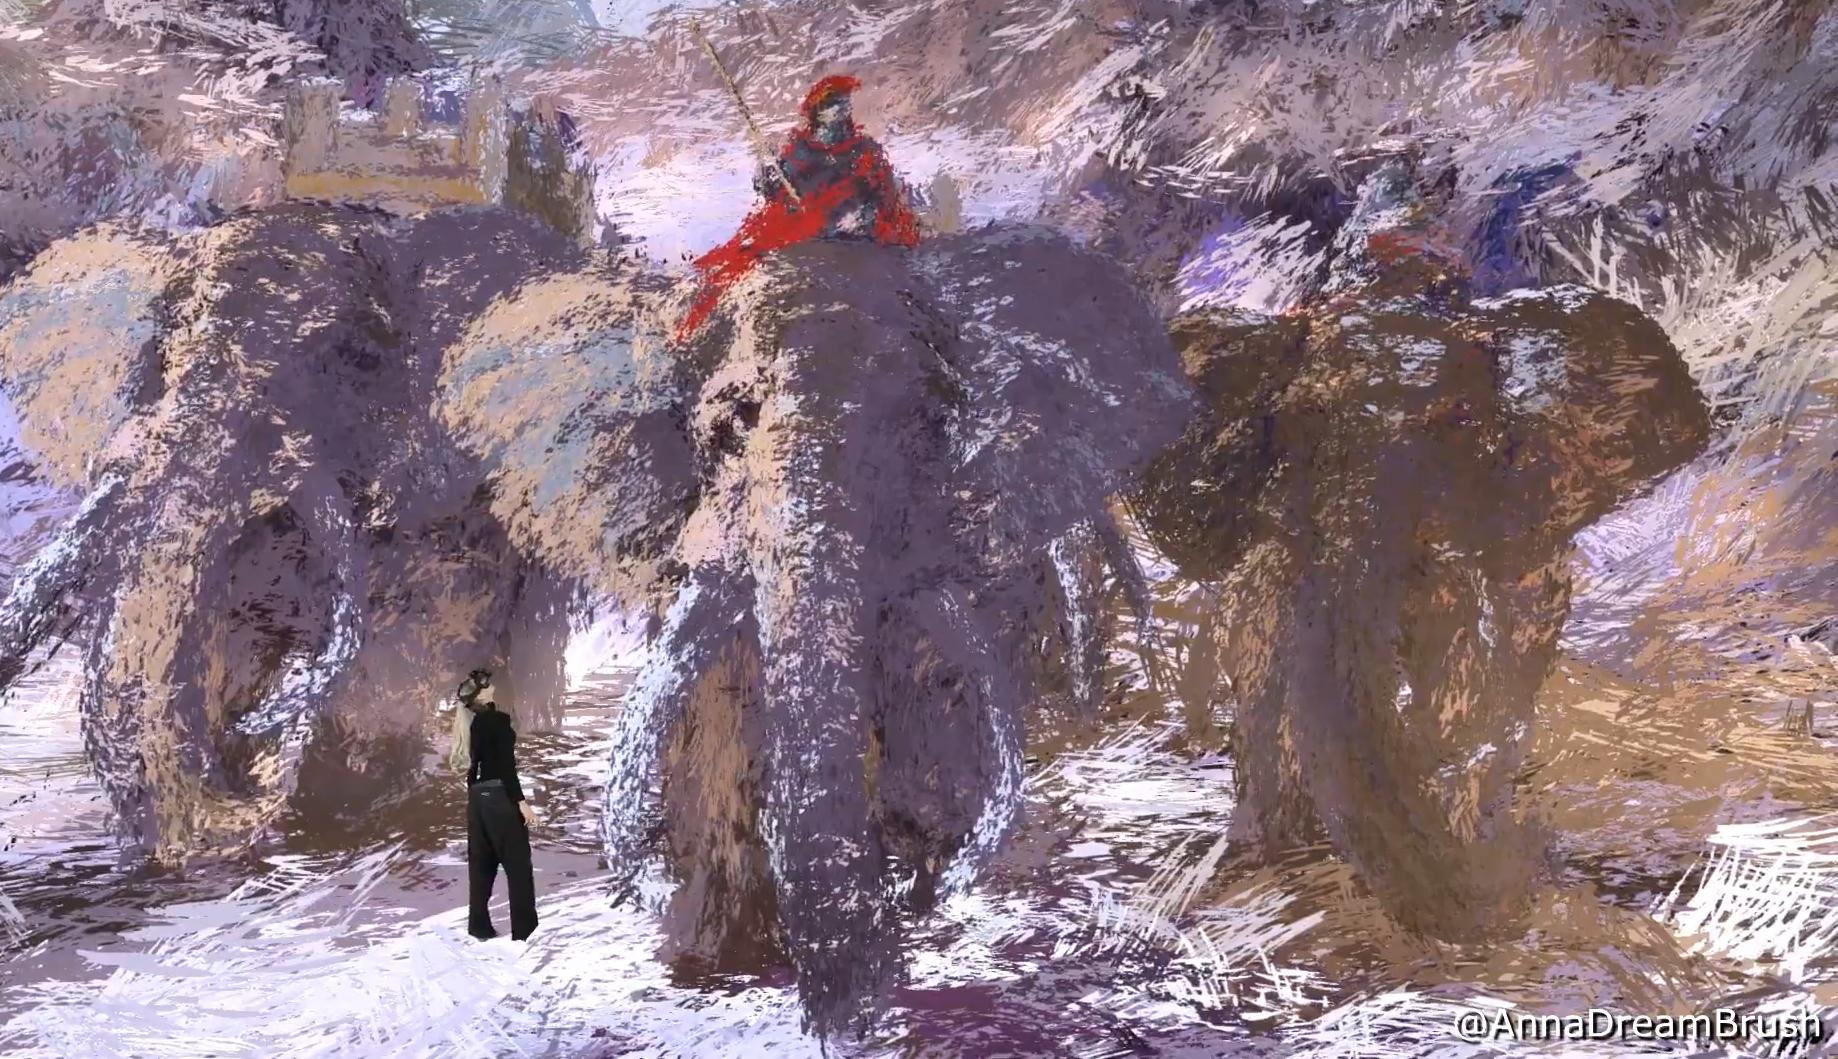 El futuro del arte: así pinta una artista un cuadro en realidad virtual